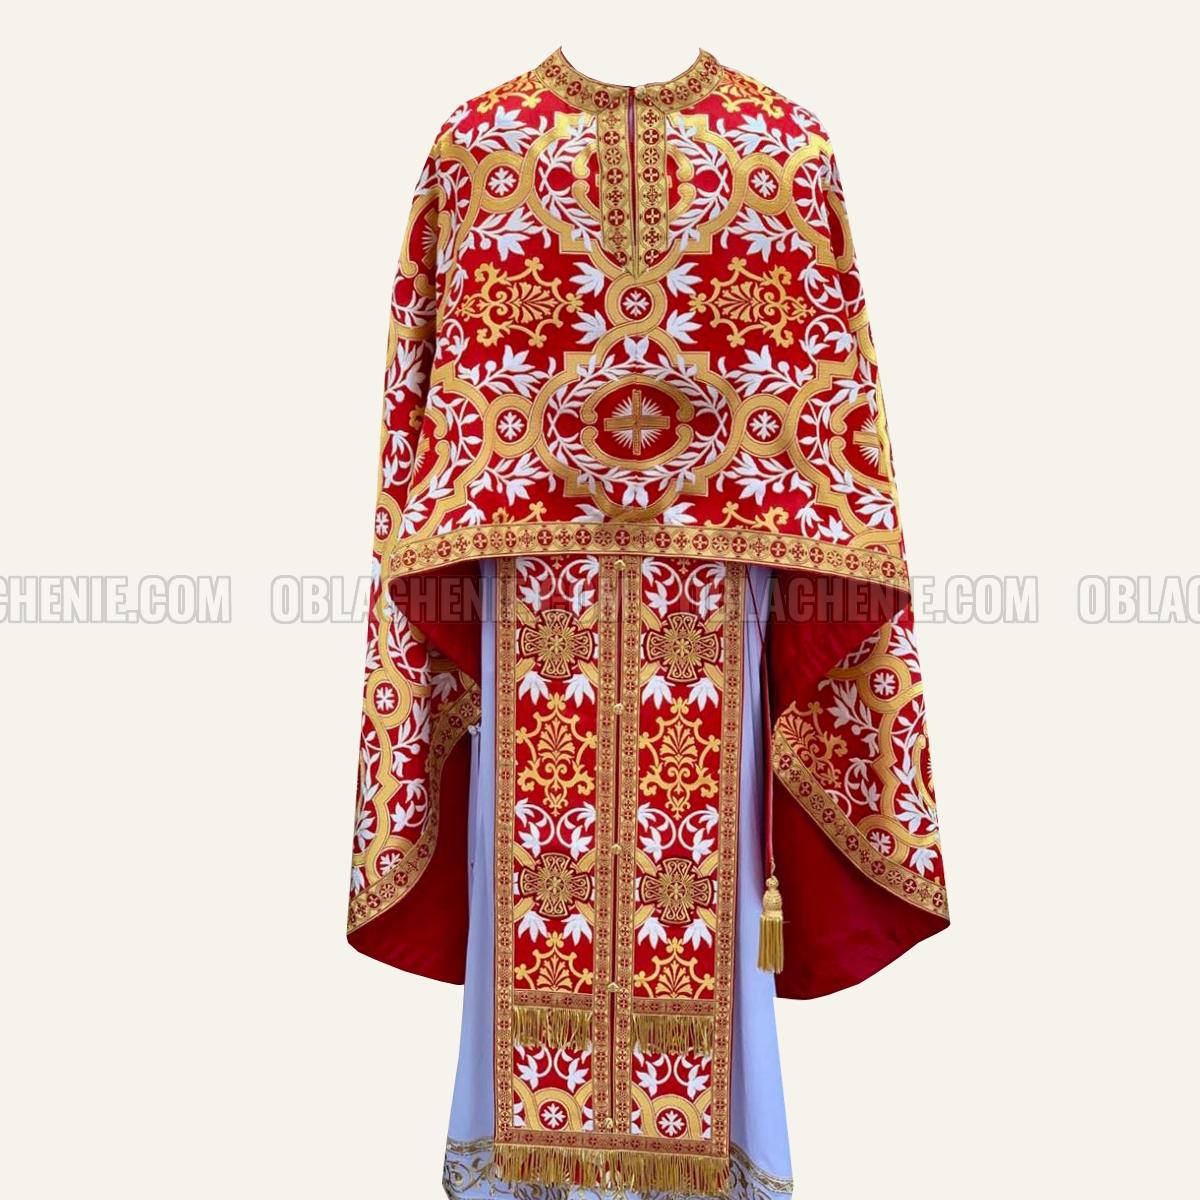 Priest's vestments 10144